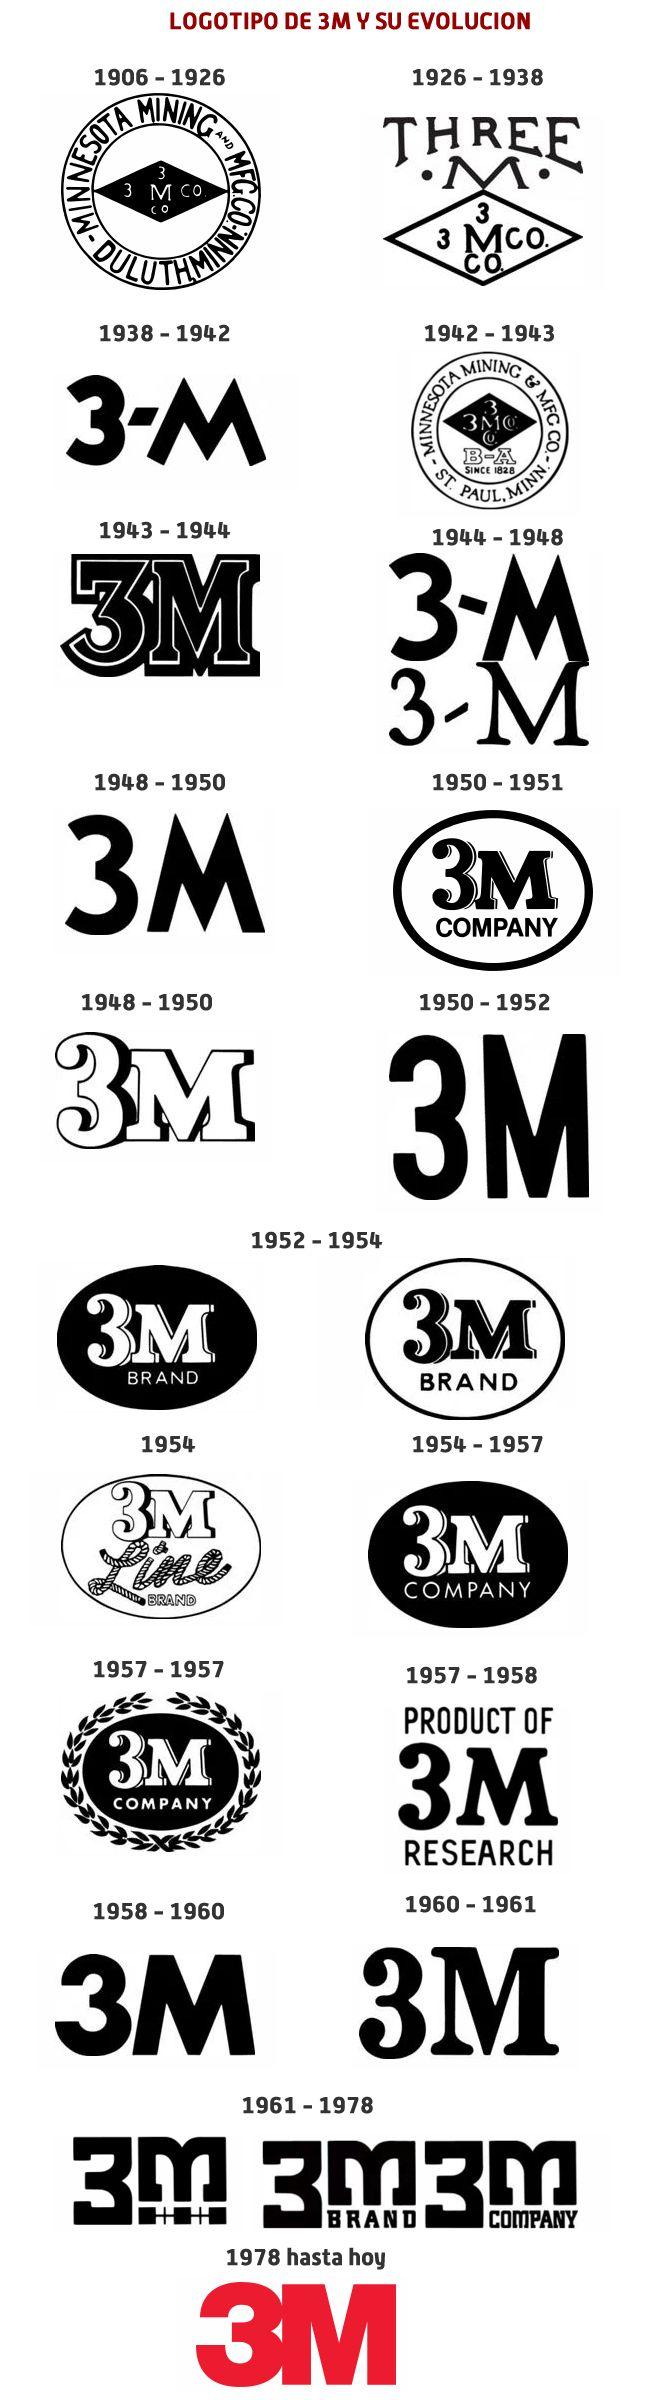 17 migliori immagini su diacronia identidade evolution branding su pinterest loghi tipi di